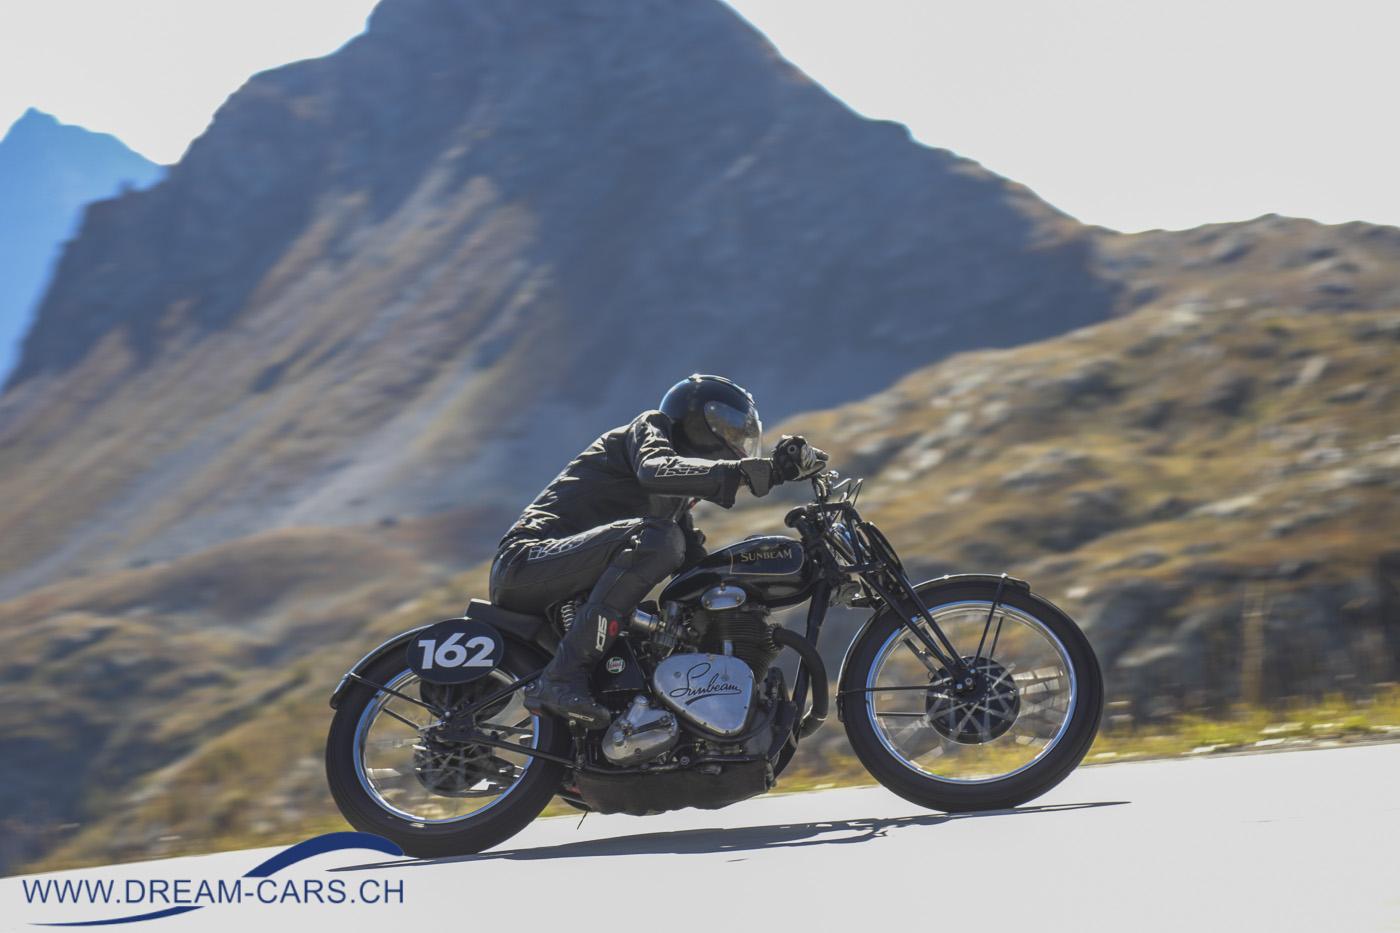 Bernina Gran Turismo, 18. und 19. September 2021. Einer der rund zwei Dutzend Motorradfahrer kurz vor dem Ziel auf der Passhöhe